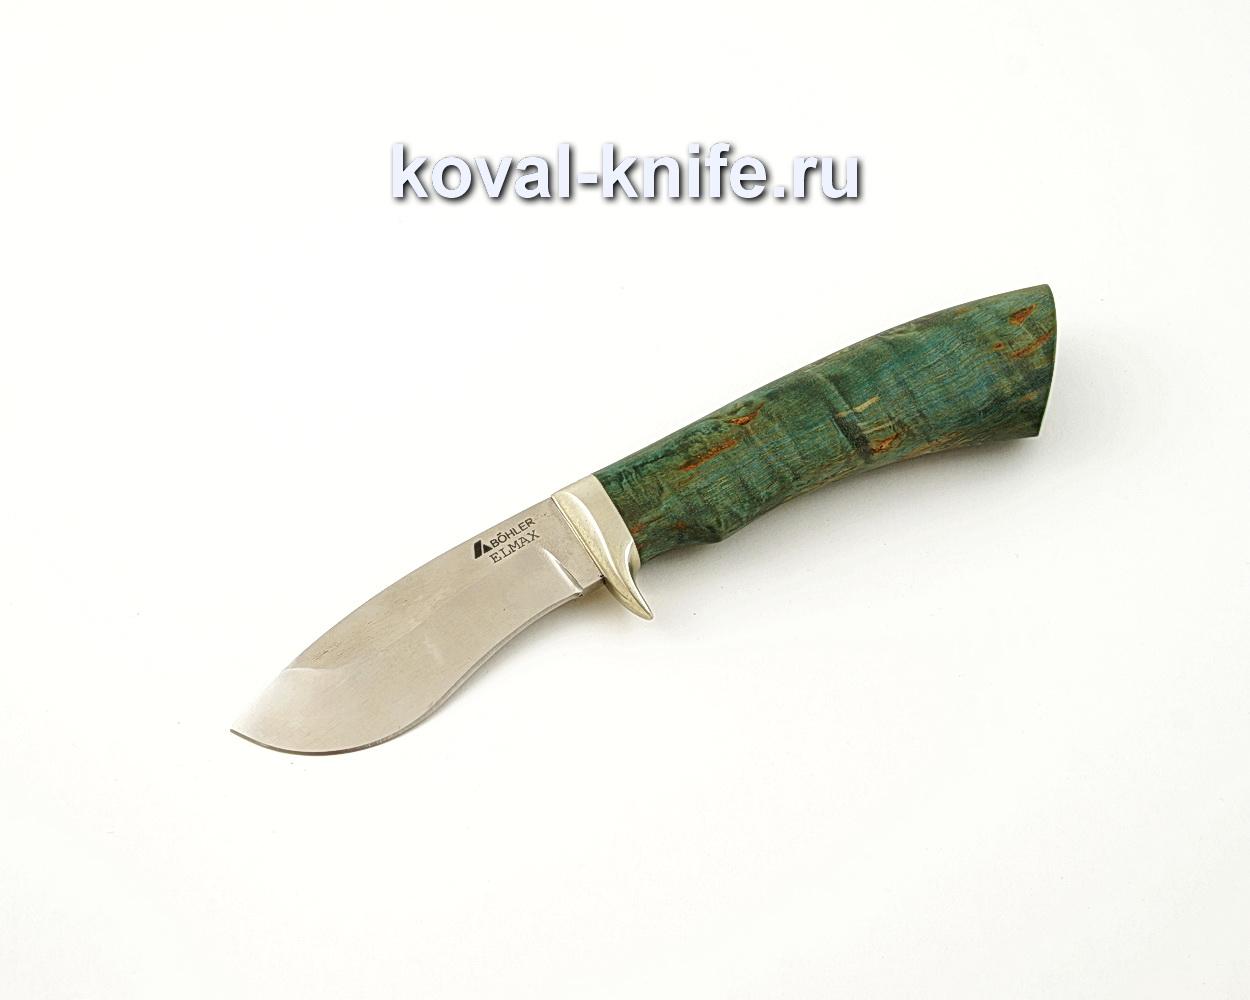 Нож Носорог из порошковой стали Elmax с рукоятью из стабилизированной карельской березы, гарда мельхиор A554